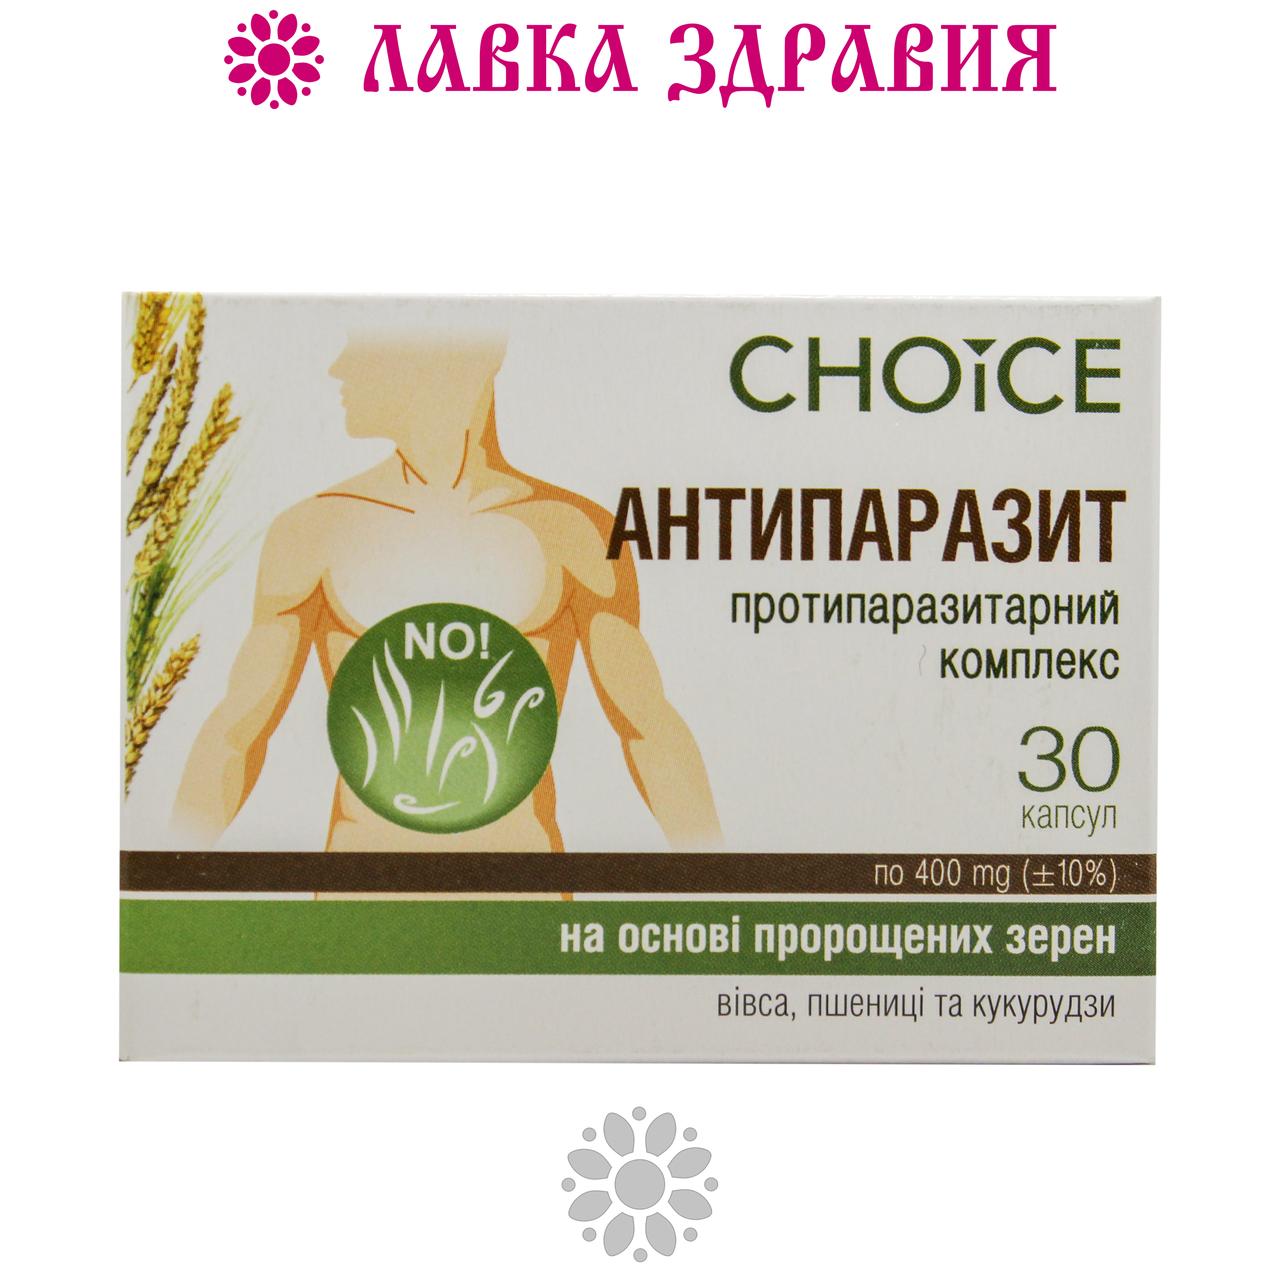 Антипаразит (противопаразитарный комплекс), 30 капc., Choice